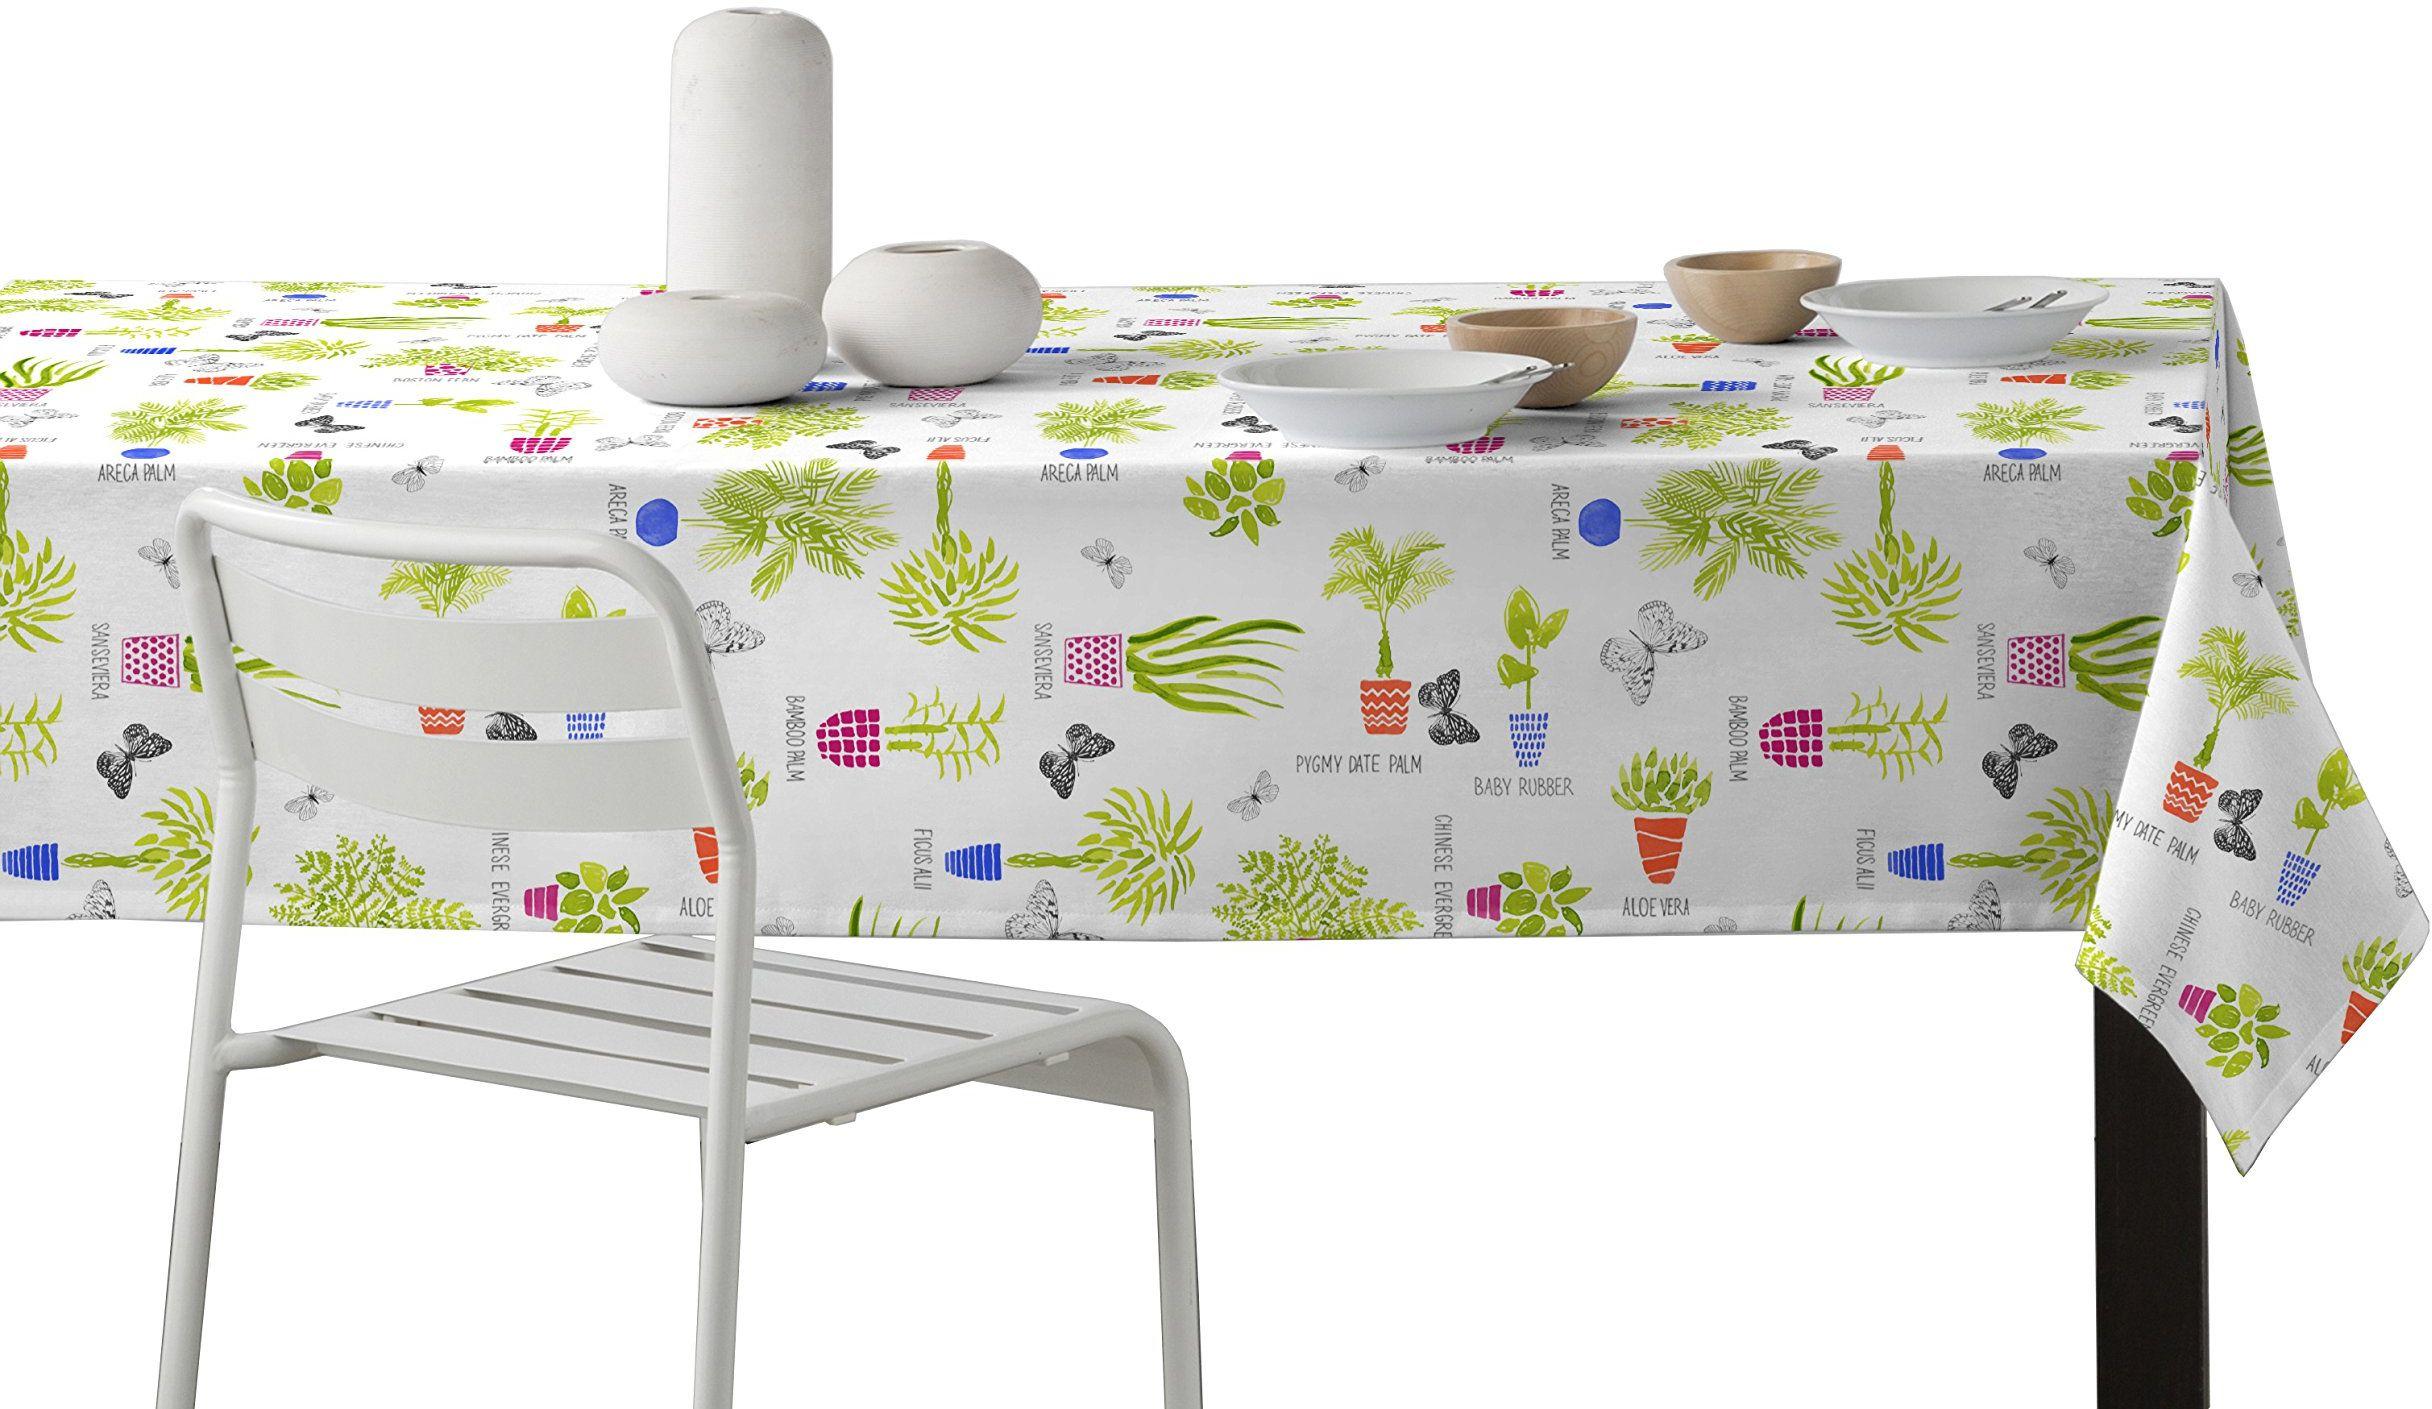 Martina Home doniczka na kwiaty, obrus Resinado w nowoczesnym wzornictwie, z tkaniny, wielokolorowa, 29 x 2 x 40 cm